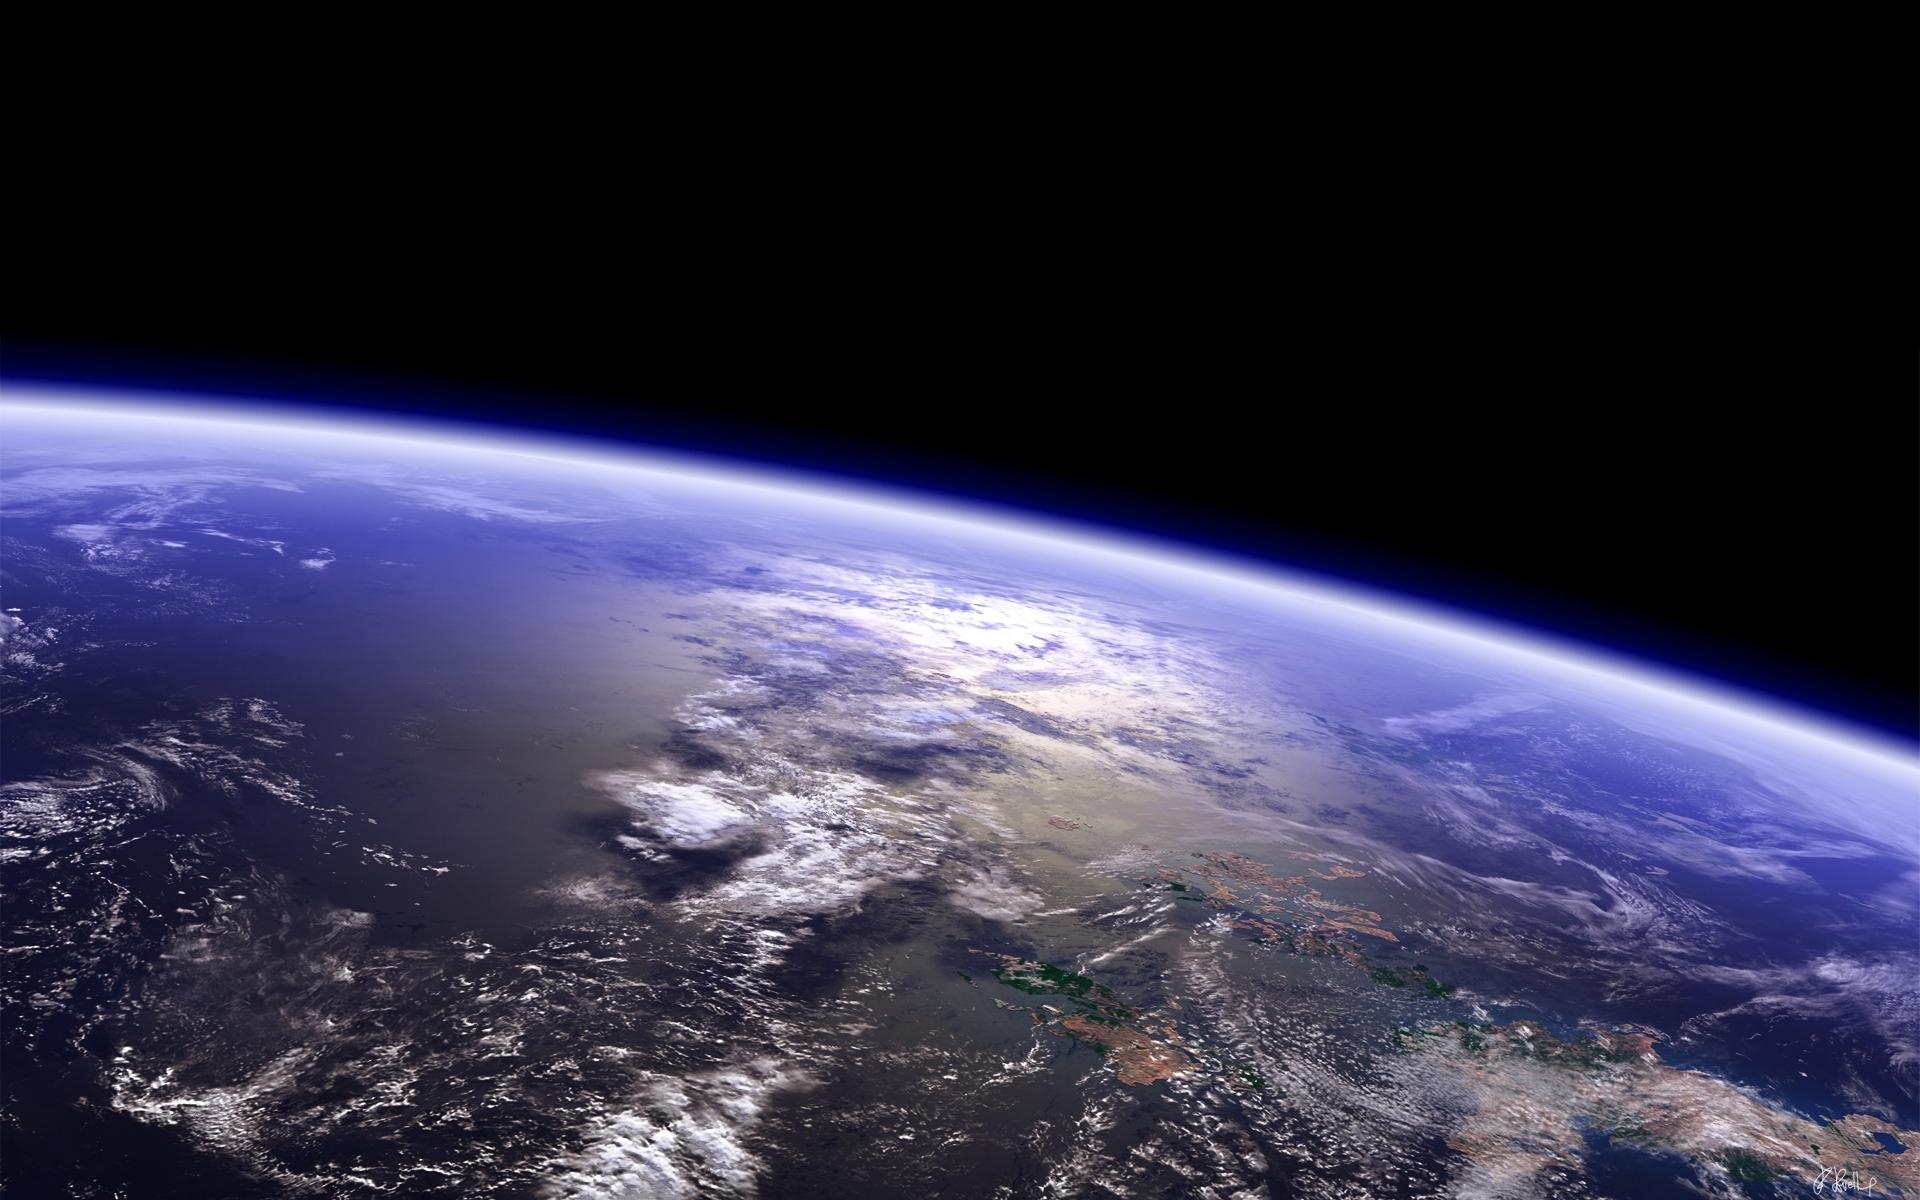 Обои Восход на орбите картинки на рабочий стол на тему Космос - скачать  № 1761487 без смс